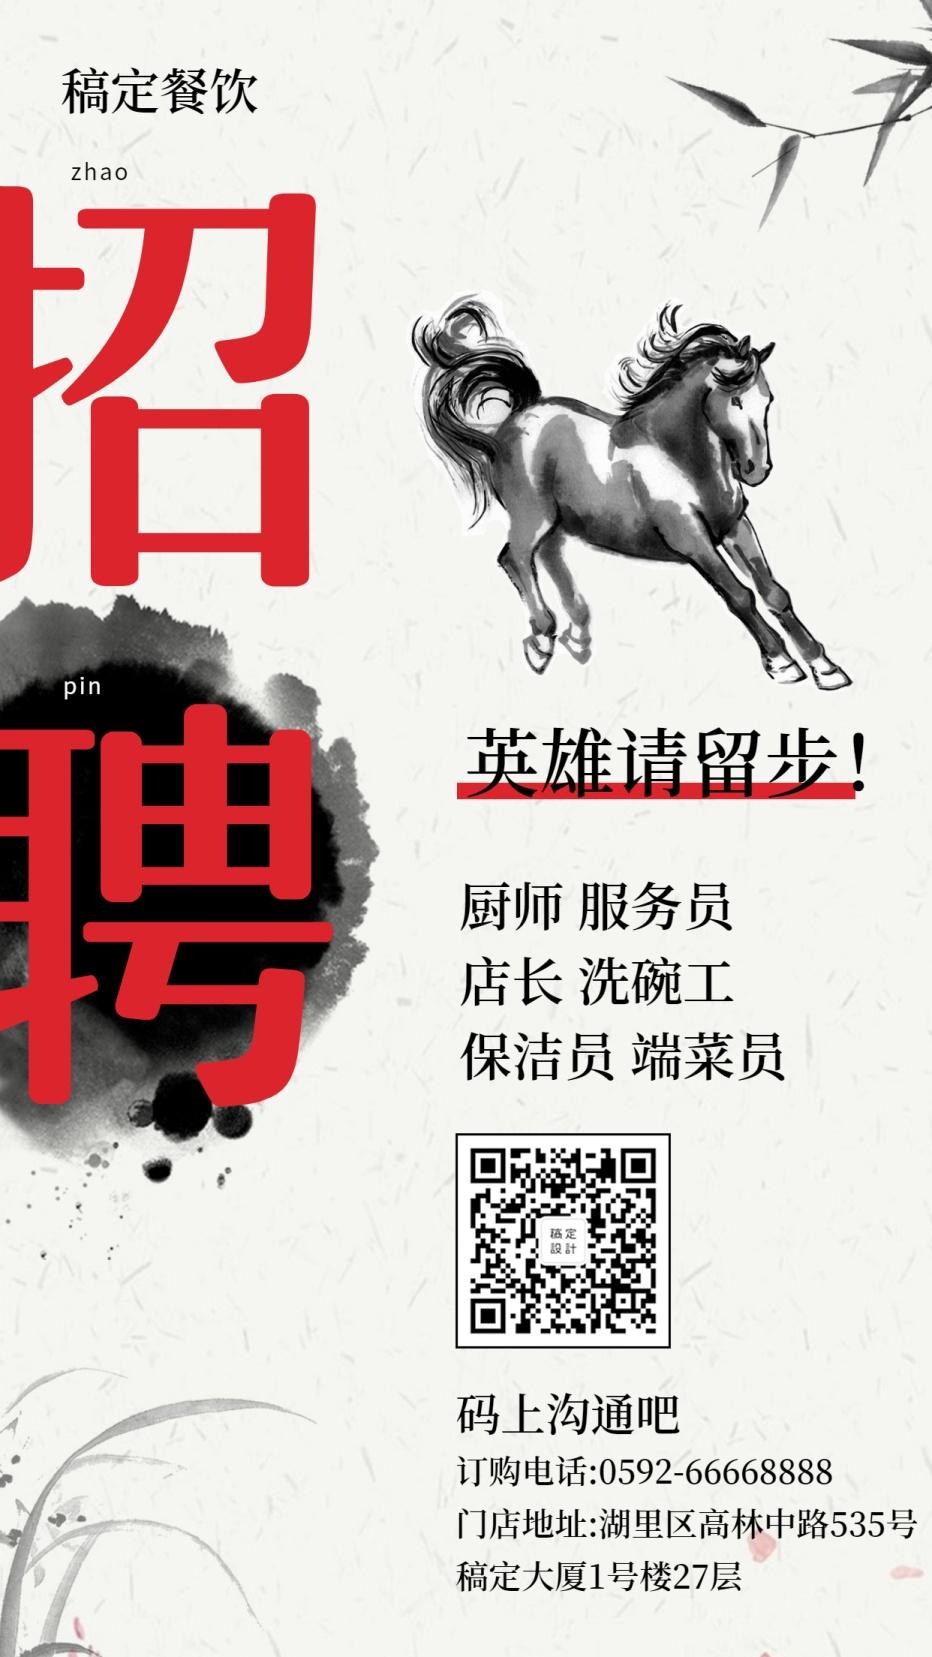 招聘/餐饮美食/中国风/手机海报